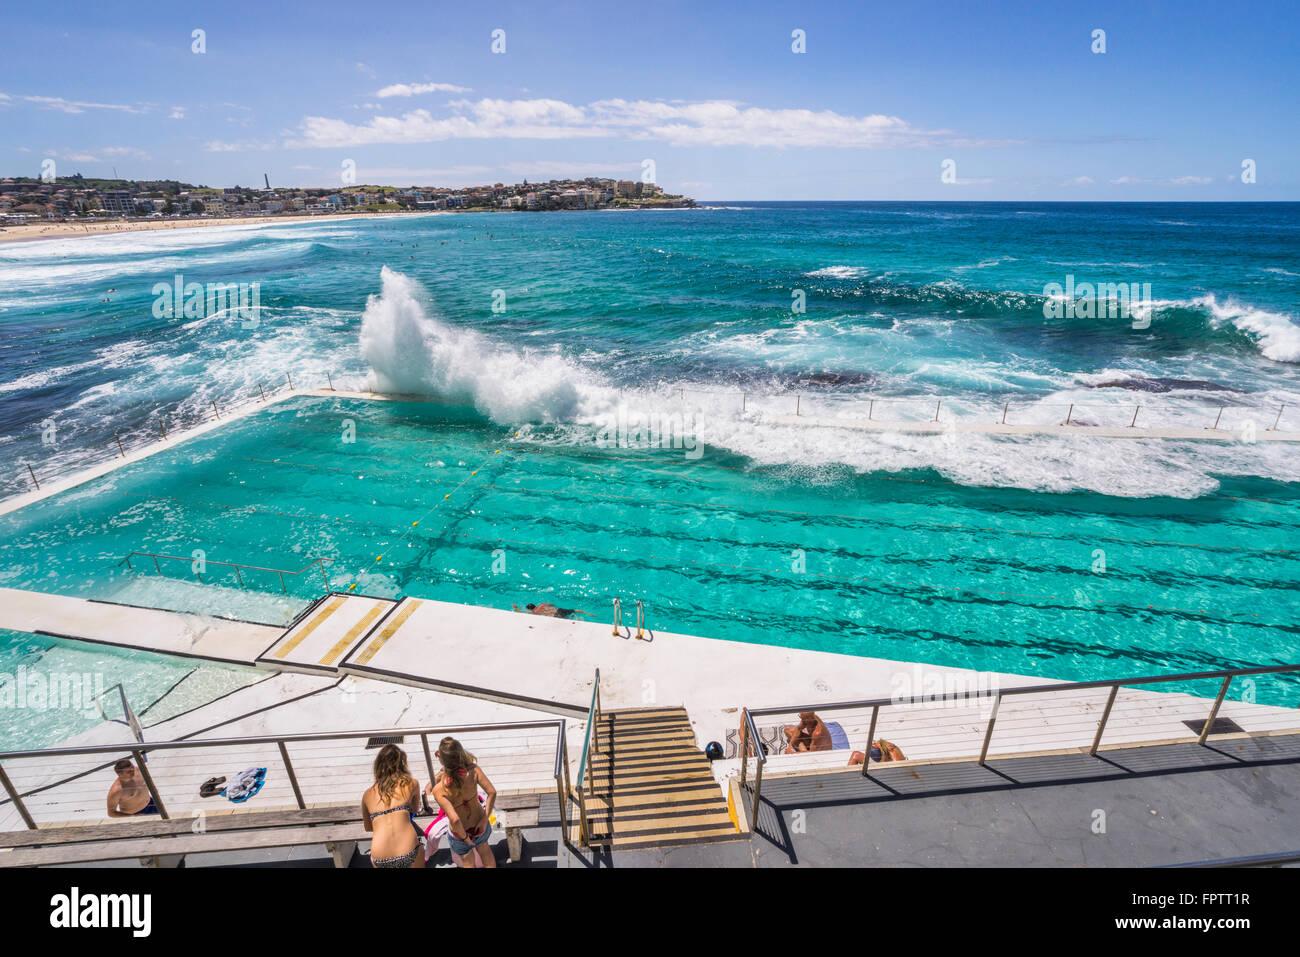 Wellen In Den Pool F R Die Stlichen Vororte Von Bondi Icebergs Swimming Club Bondi Beach